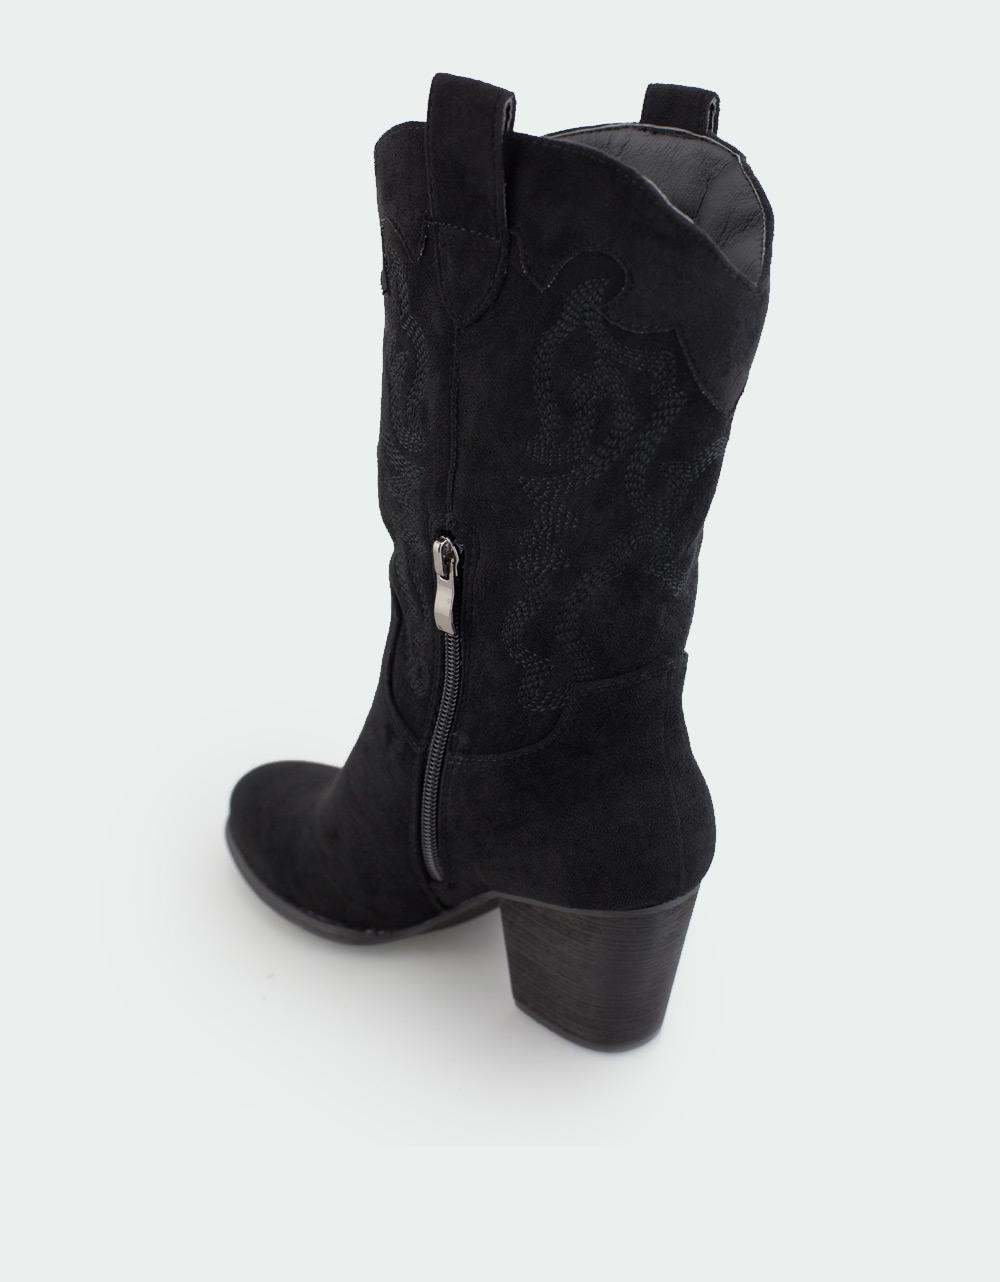 Εικόνα από Γυναικείες μπότες με κεντητά σχέδια Μαύρο